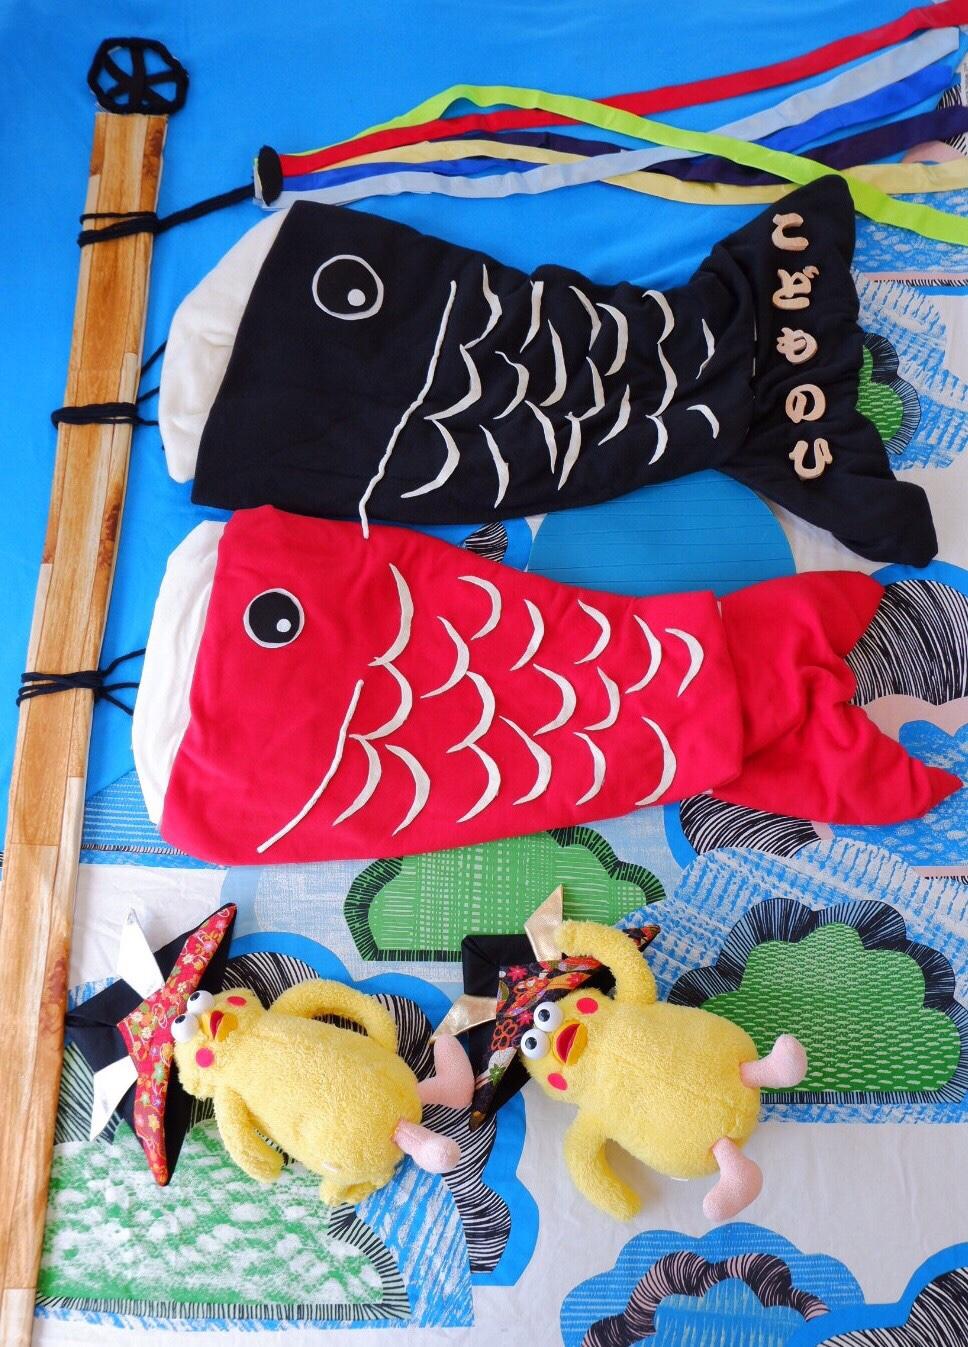 おひるねアート ドコモショップ竜ヶ崎 僕のおひるねアート こどもの日 鯉のぼり